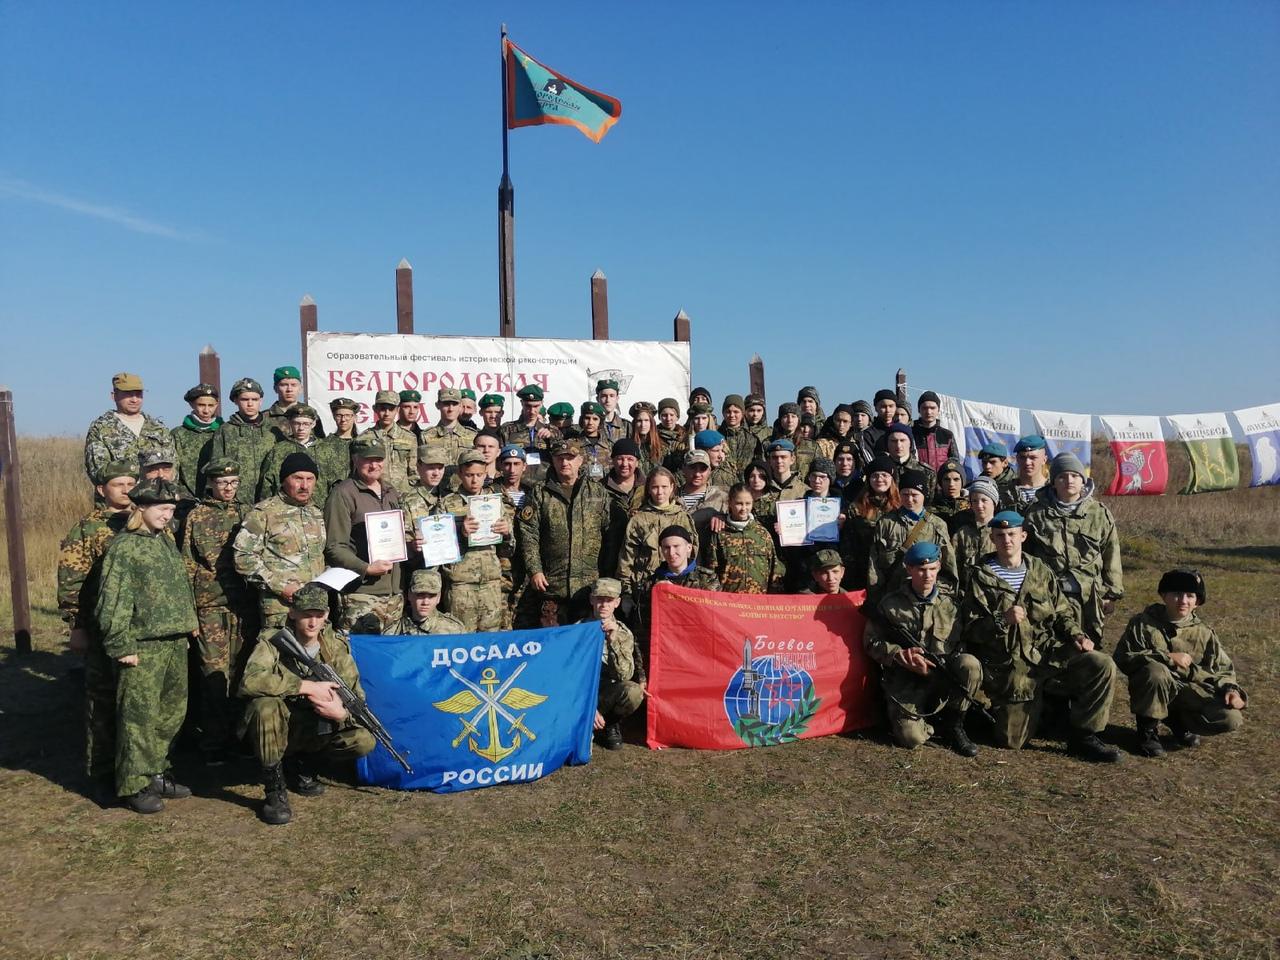 В Белгородской области состоялся трехдневный полевой выход военно-патриотических клубов, посвященный Дню СОБР и ОМОН Росгвардии